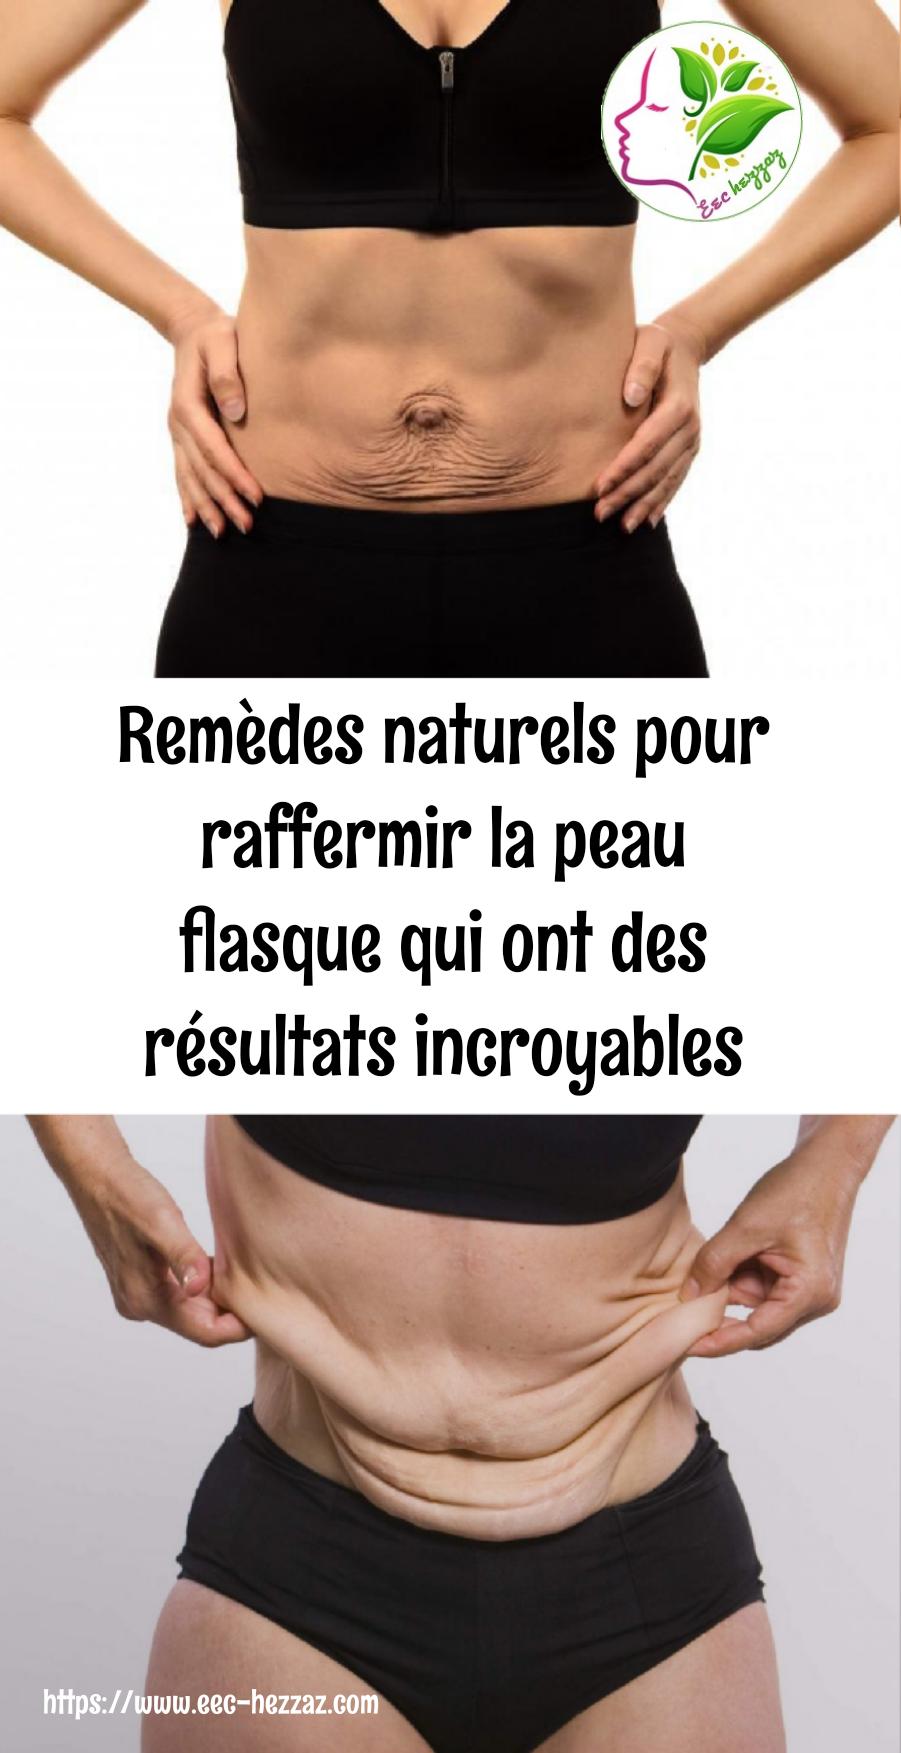 Remèdes naturels pour raffermir la peau flasque qui ont des résultats incroyables